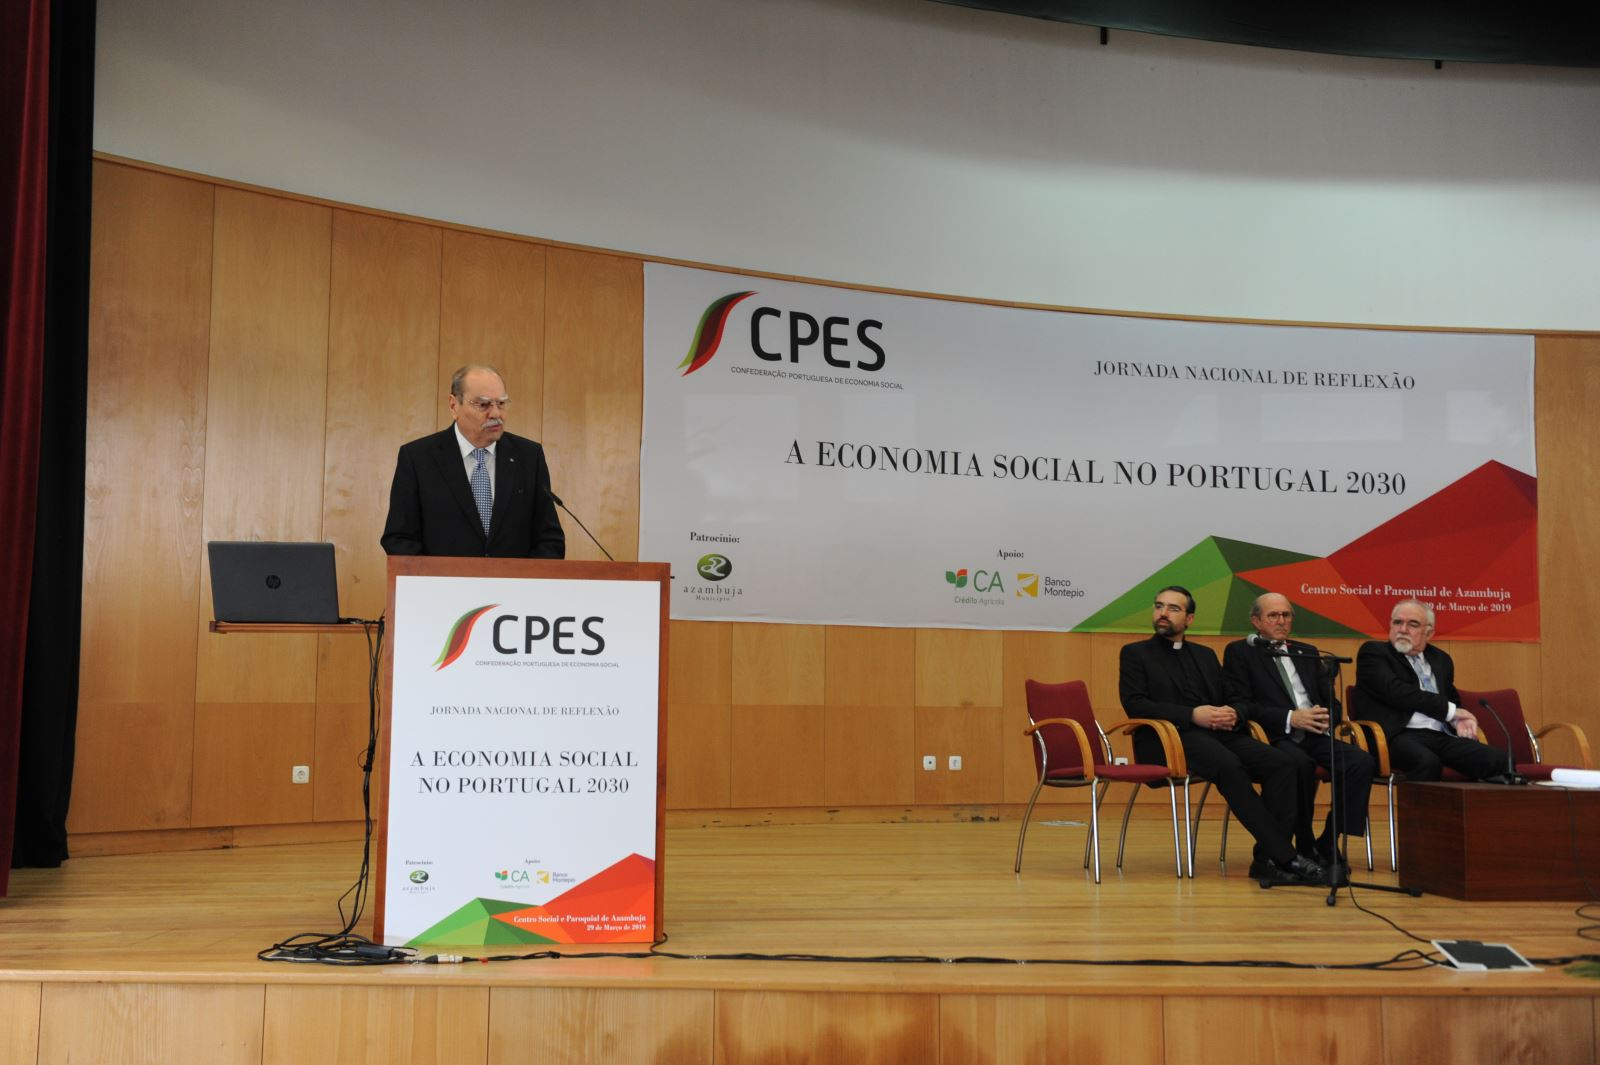 Jornada de reflexão da Confederação Portuguesa de Economia Social